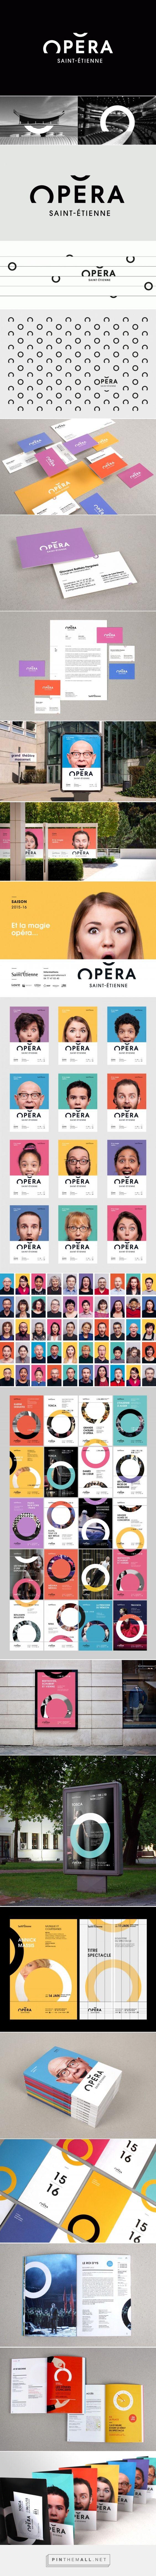 Identité visuelle Opéra de Saint-Étienne - Graphéine - Agence de communication Paris LyonGraphéine – Agence de communication Paris Lyon - created via https://pinthemall.net